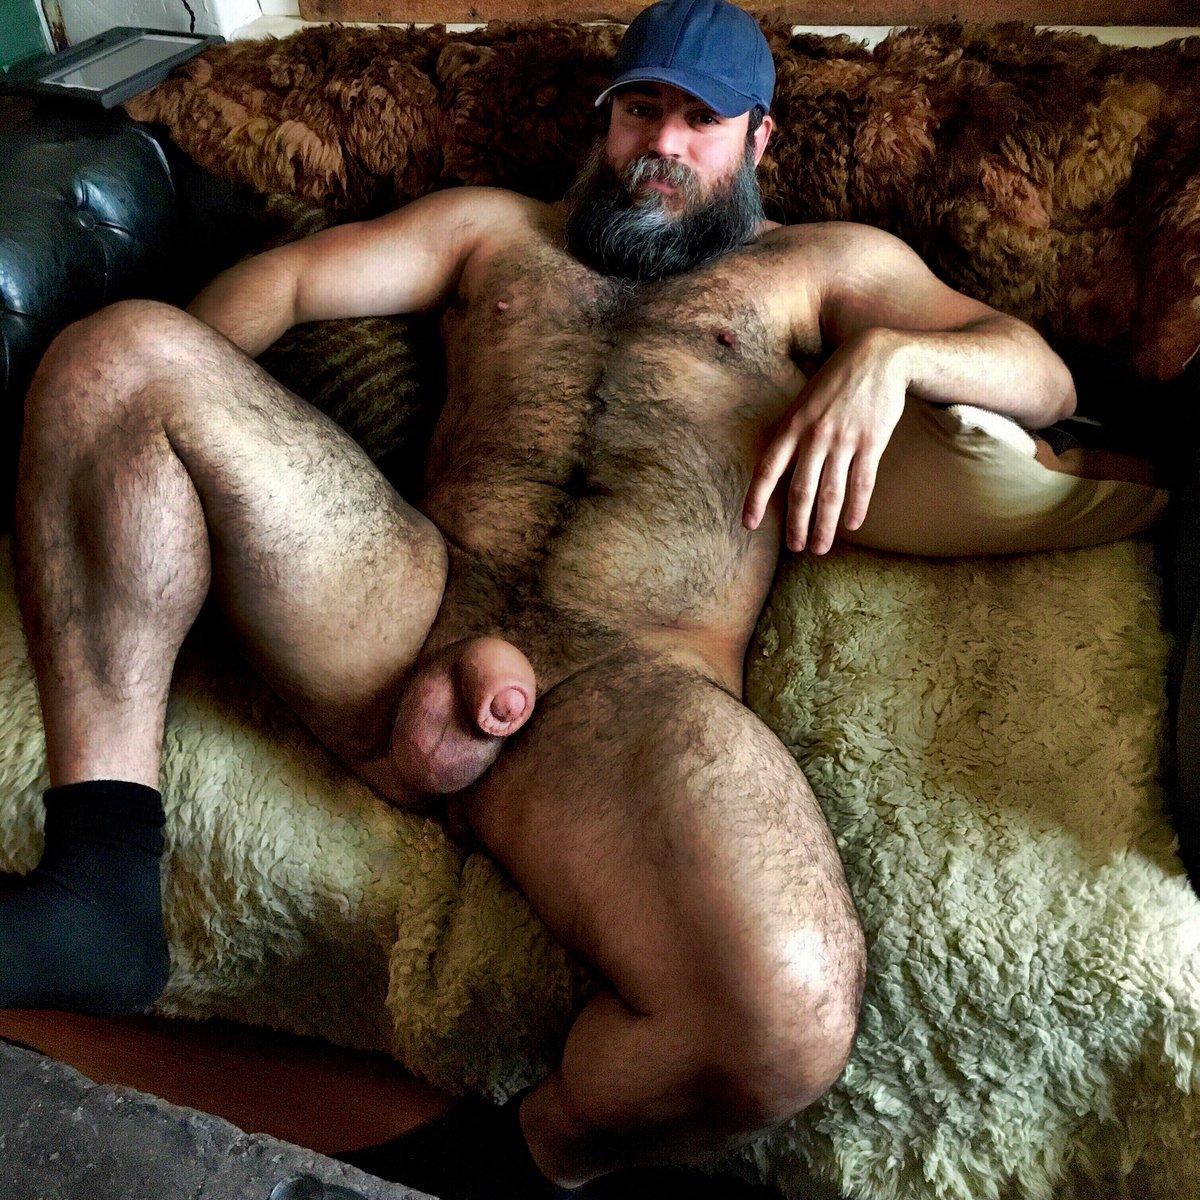 Bear gay hairy hot